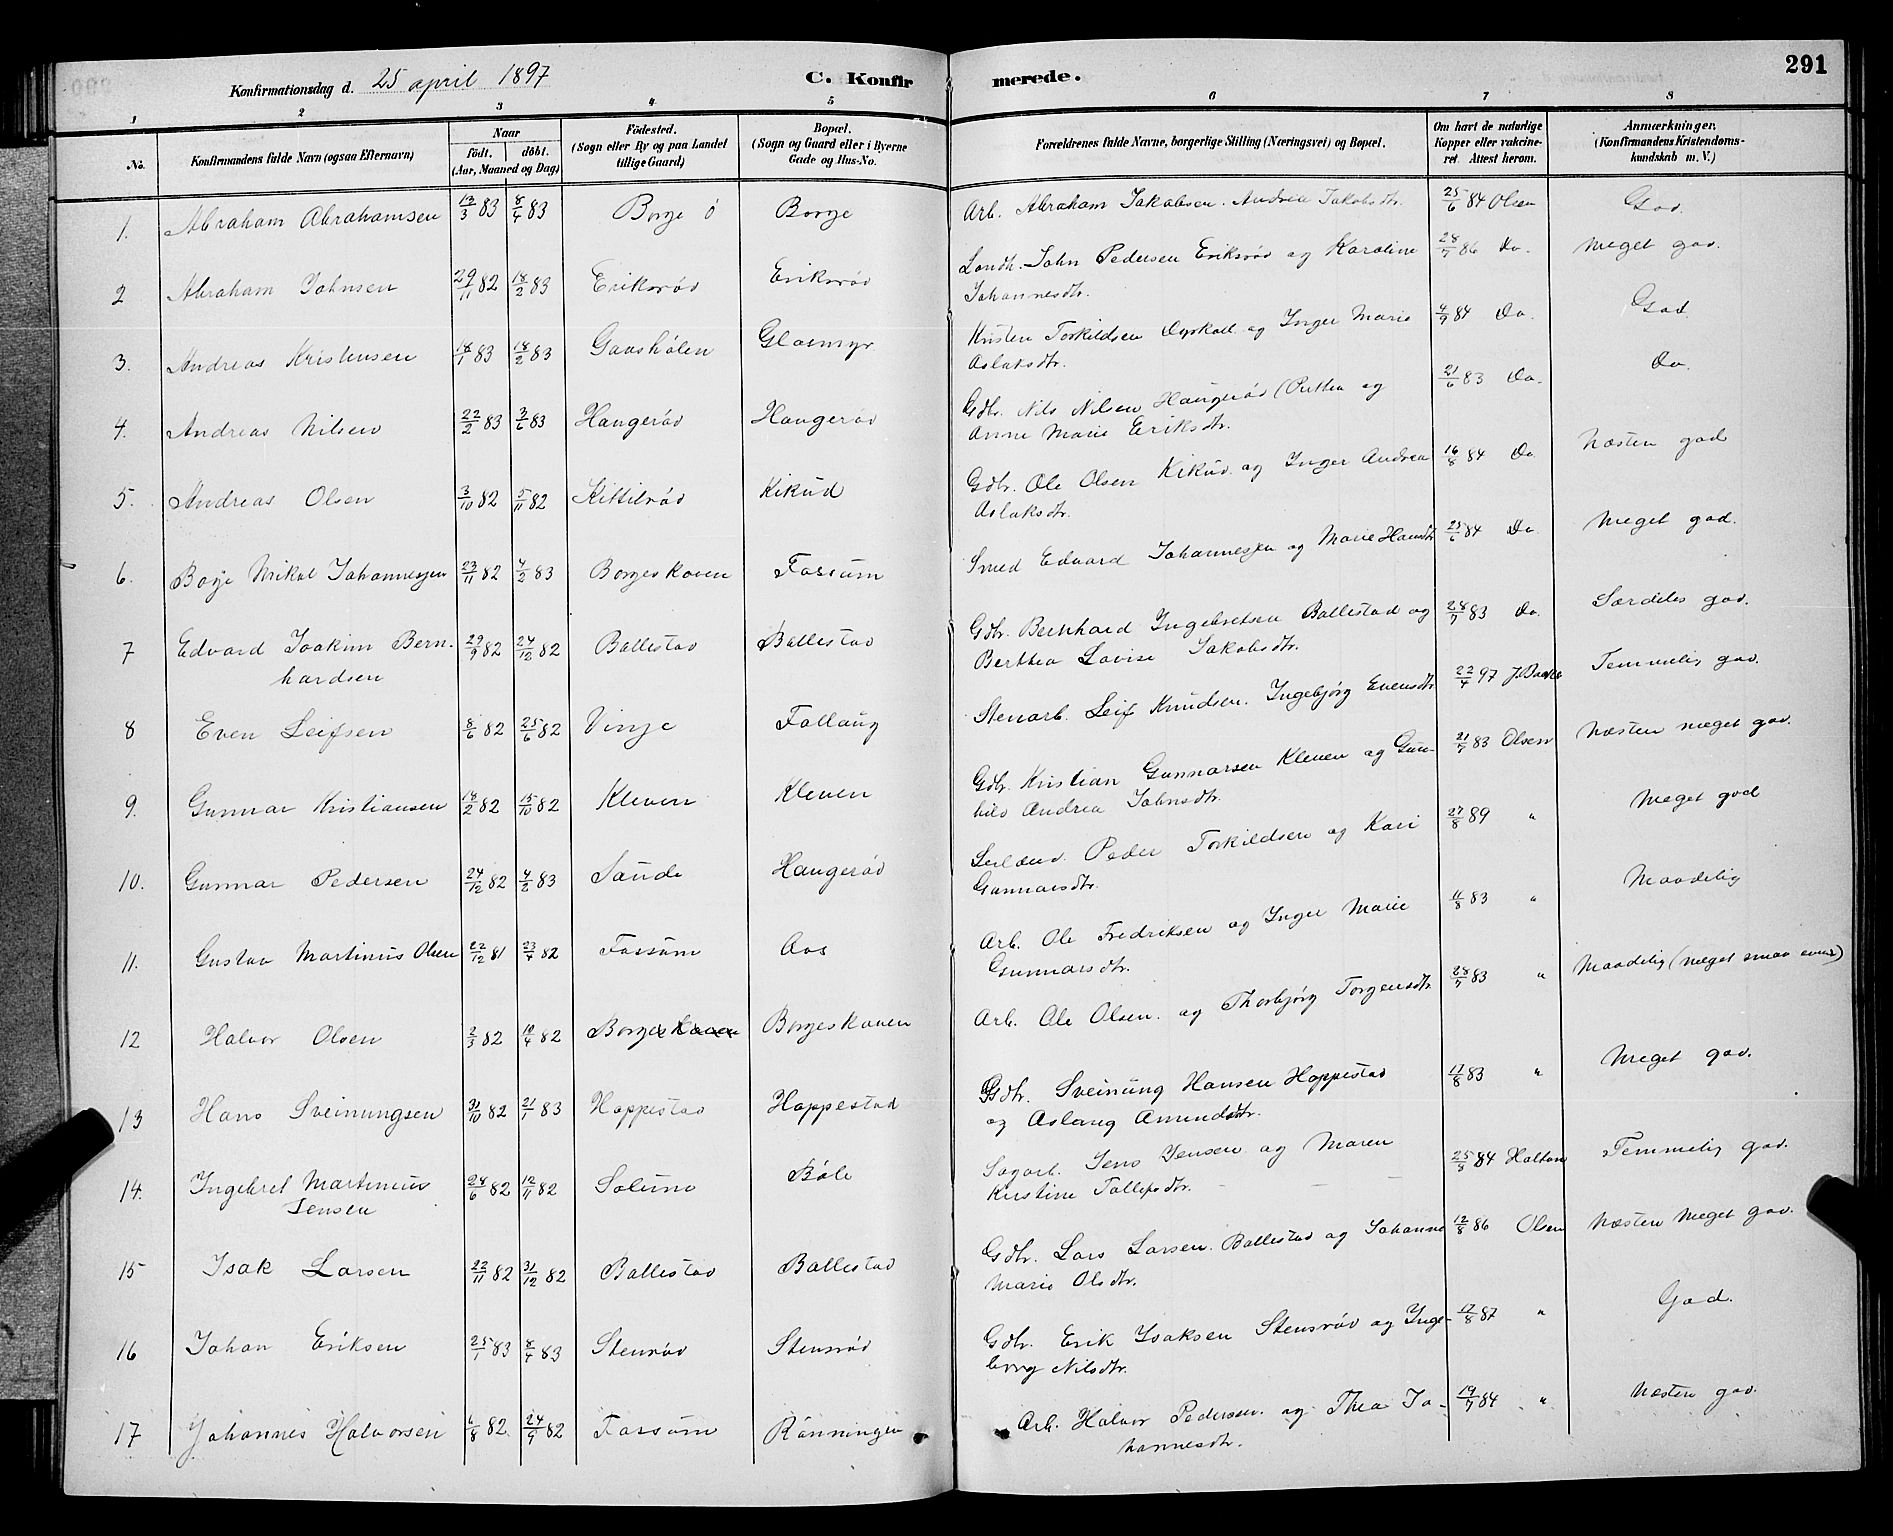 SAKO, Gjerpen kirkebøker, G/Ga/L0002: Klokkerbok nr. I 2, 1883-1900, s. 291